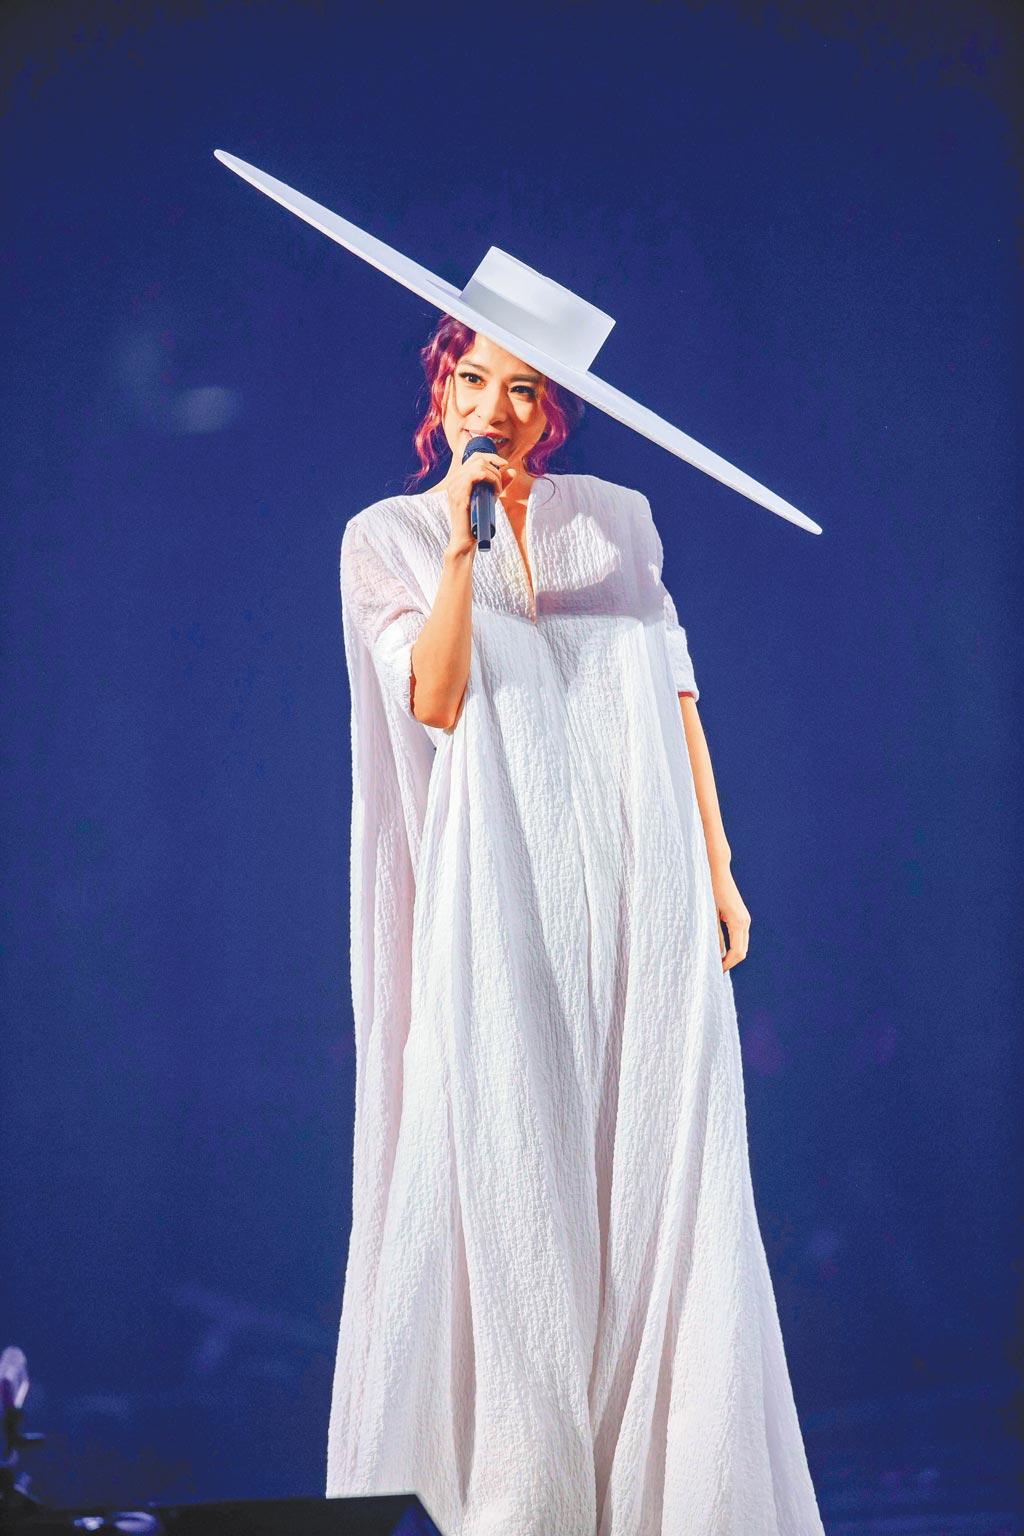 田馥甄昨戴造型搶眼的白色大帽子開場。(吳松翰攝)